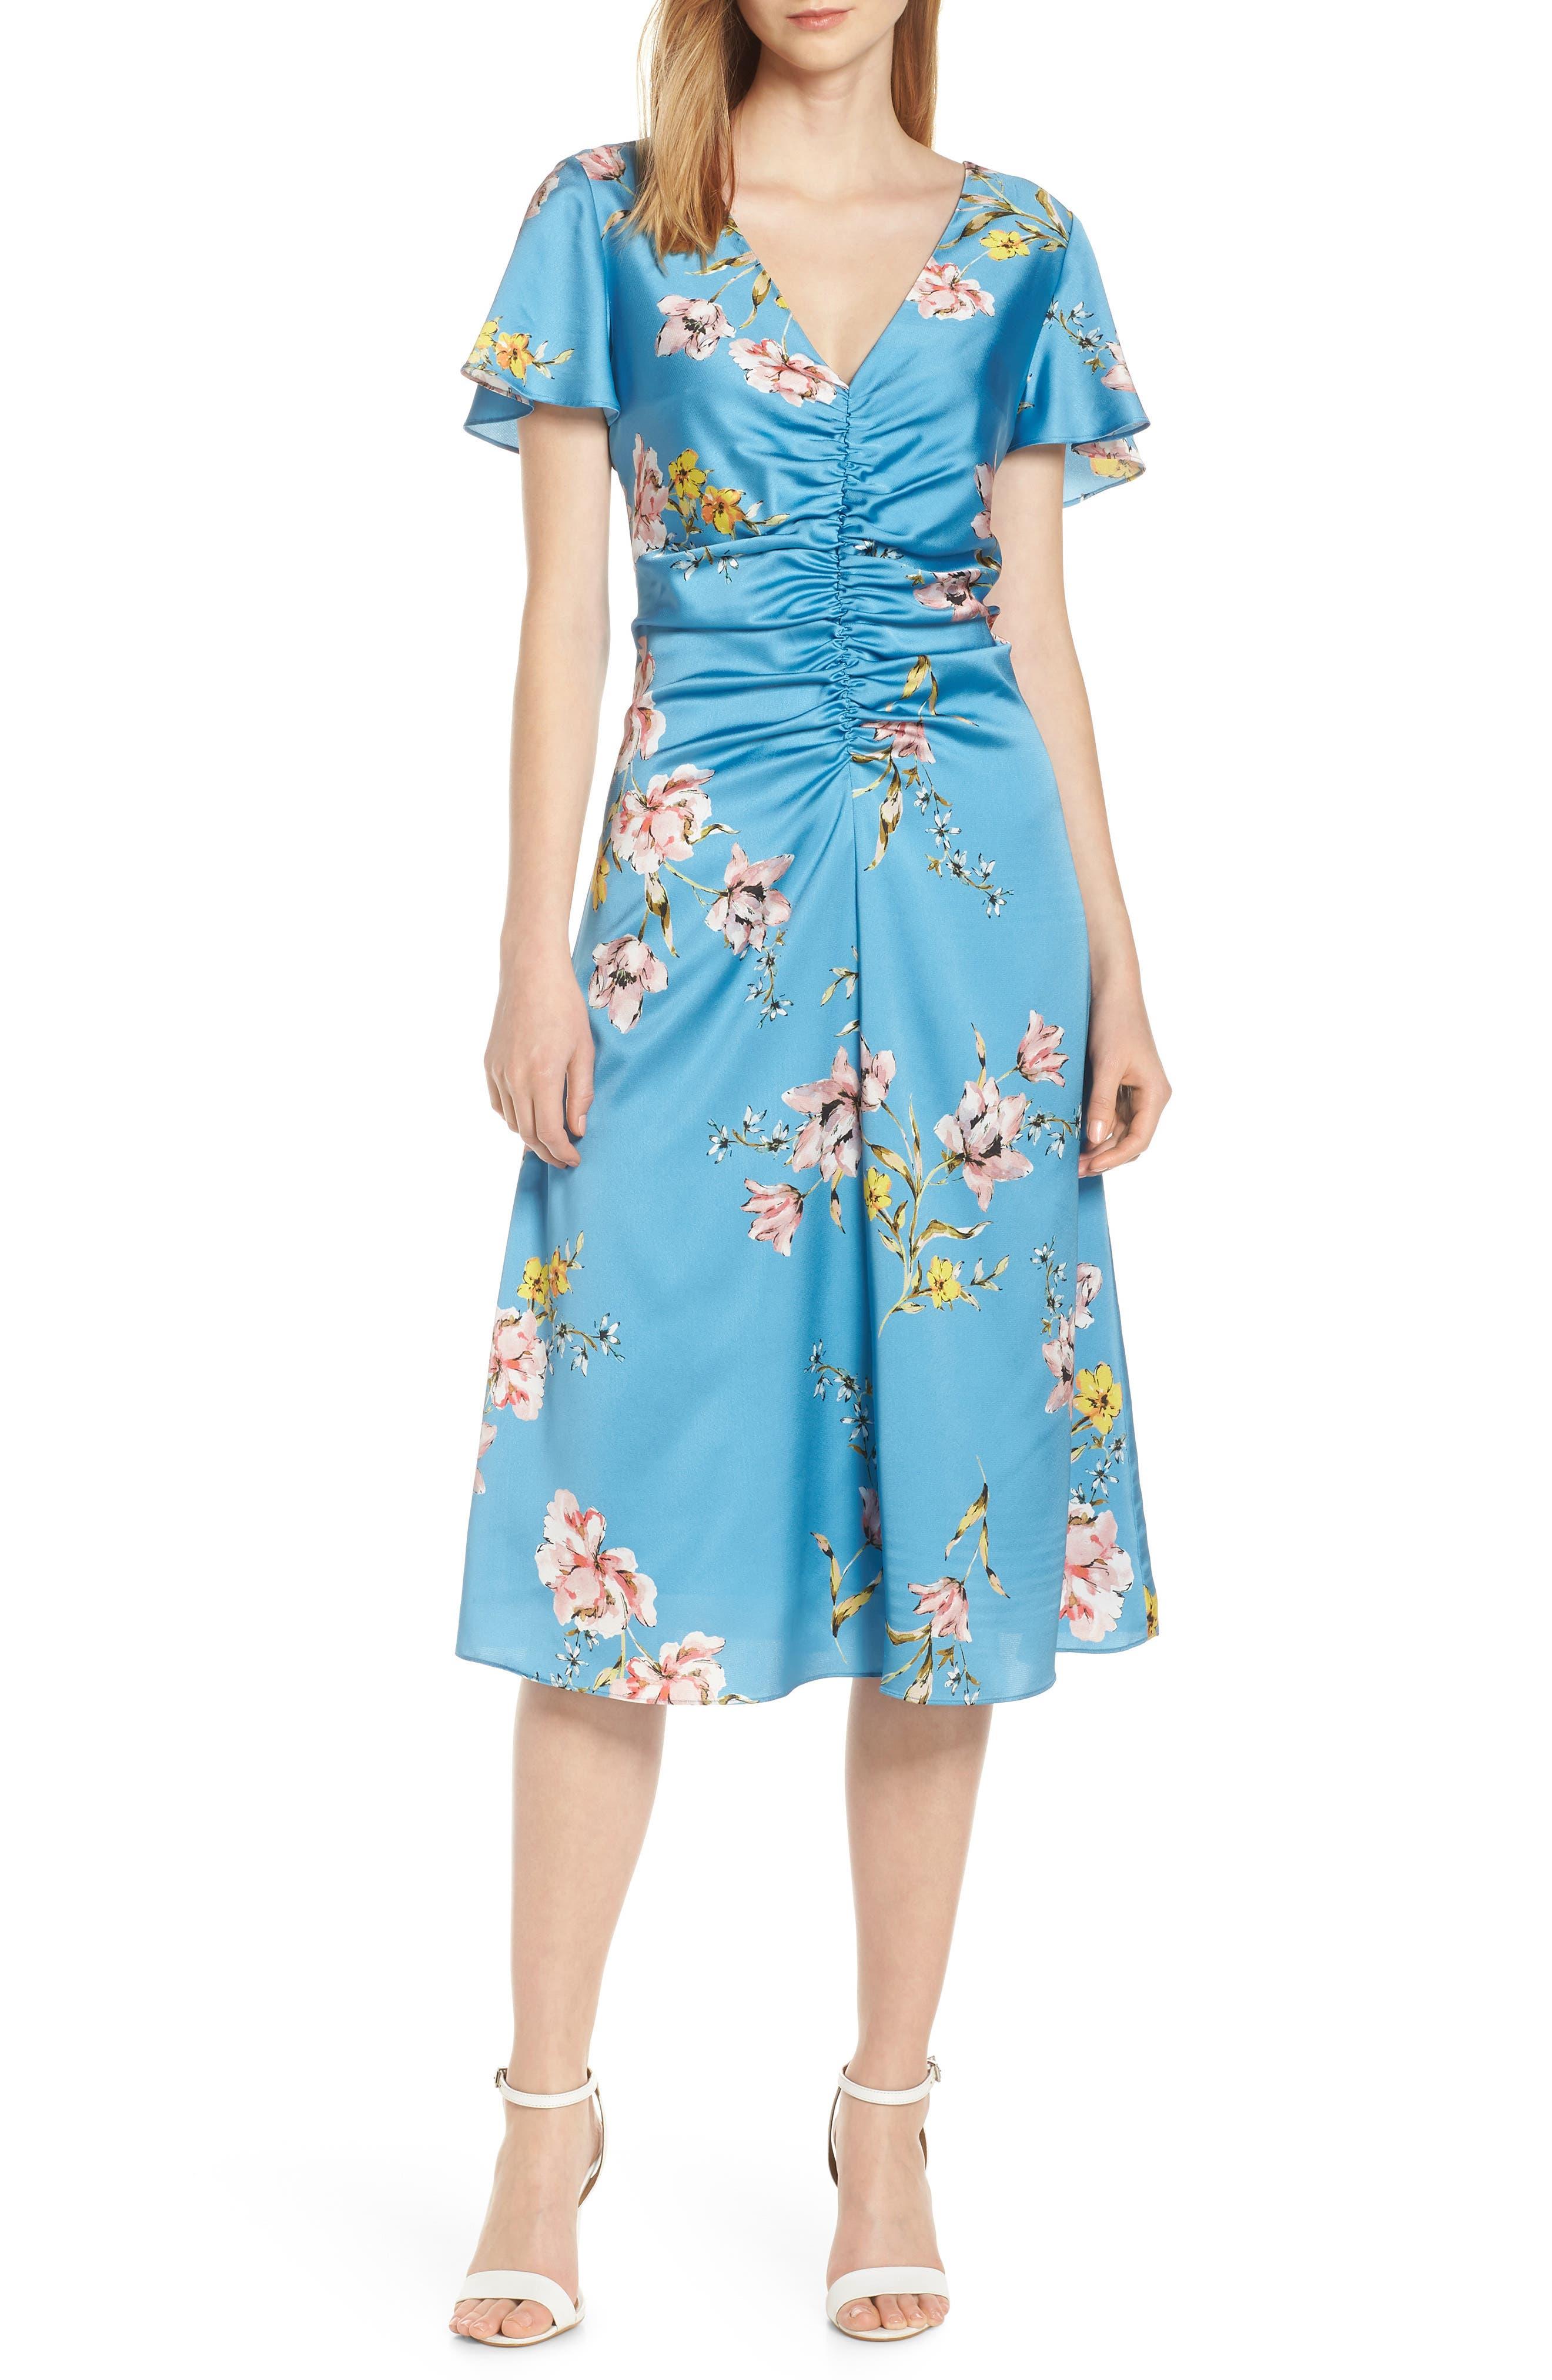 500 Vintage Style Dresses for Sale Womens Avec Les Filles Painterly Boutique Ruched Satin Dress $128.00 AT vintagedancer.com